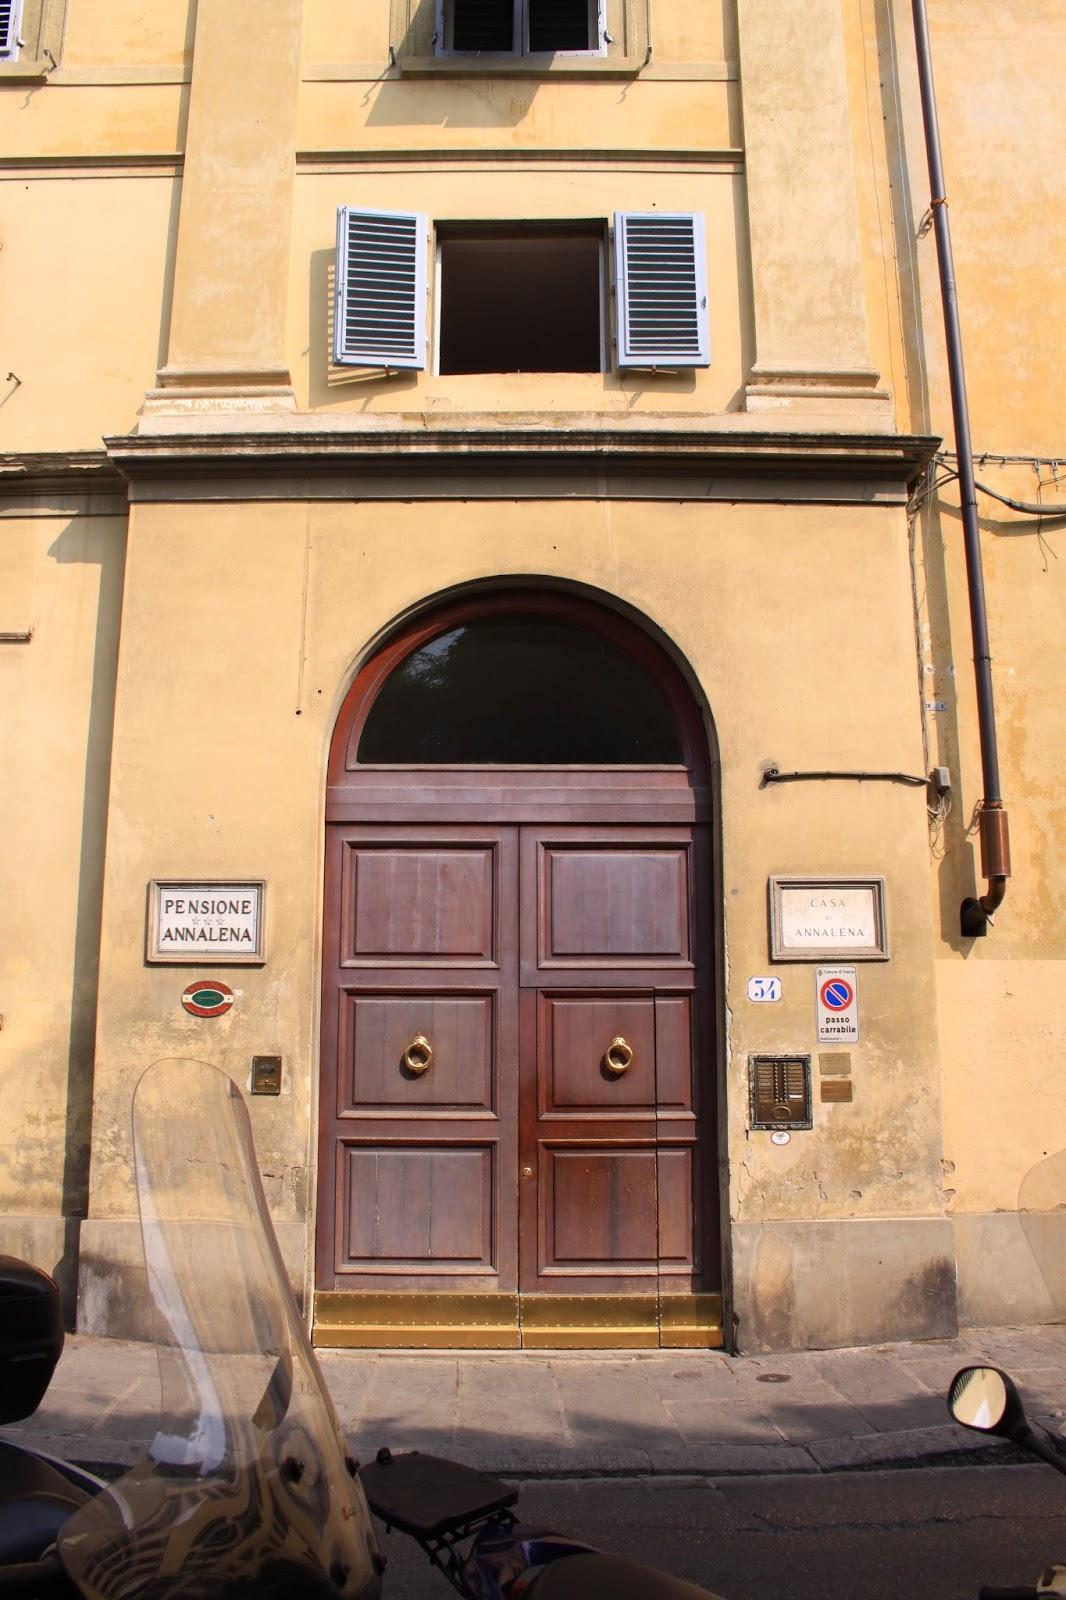 часть прежнего монастыря, находящаяся по адресу via Romana, 34, Флоренция